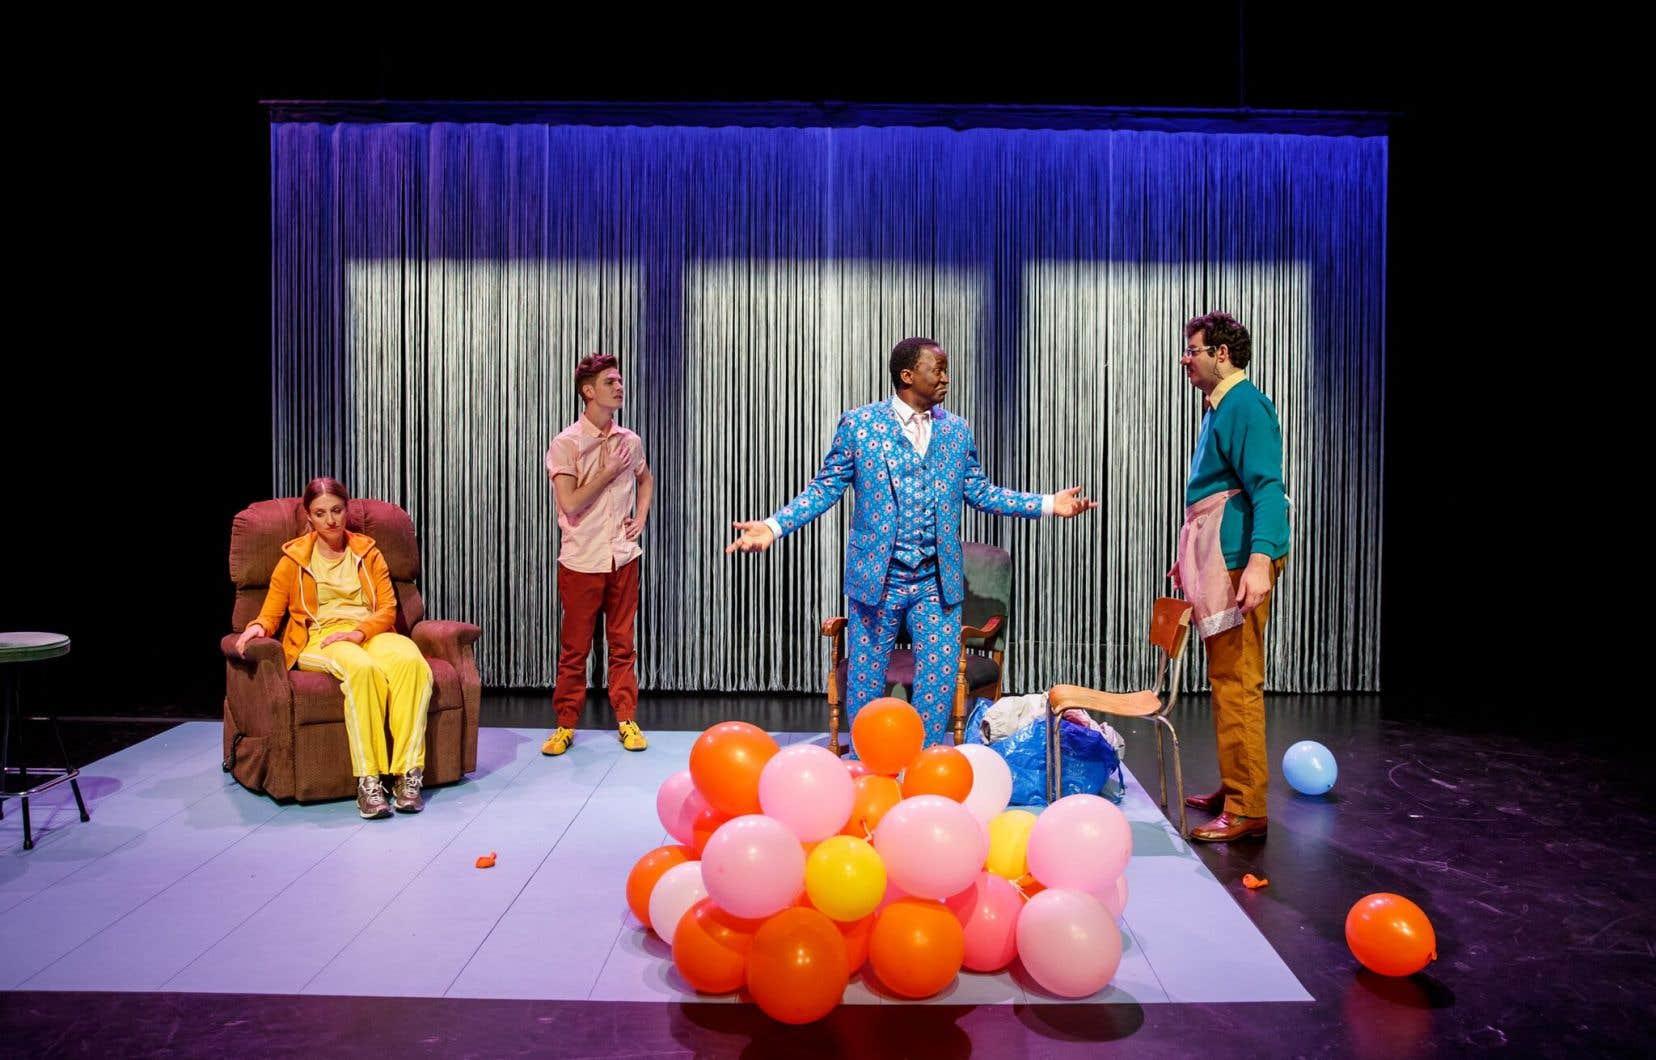 Le spectacle est l'un des plus réussis de la compagnie, sans nul doute le plus riche et équilibré d'un point de vue dramaturgique.